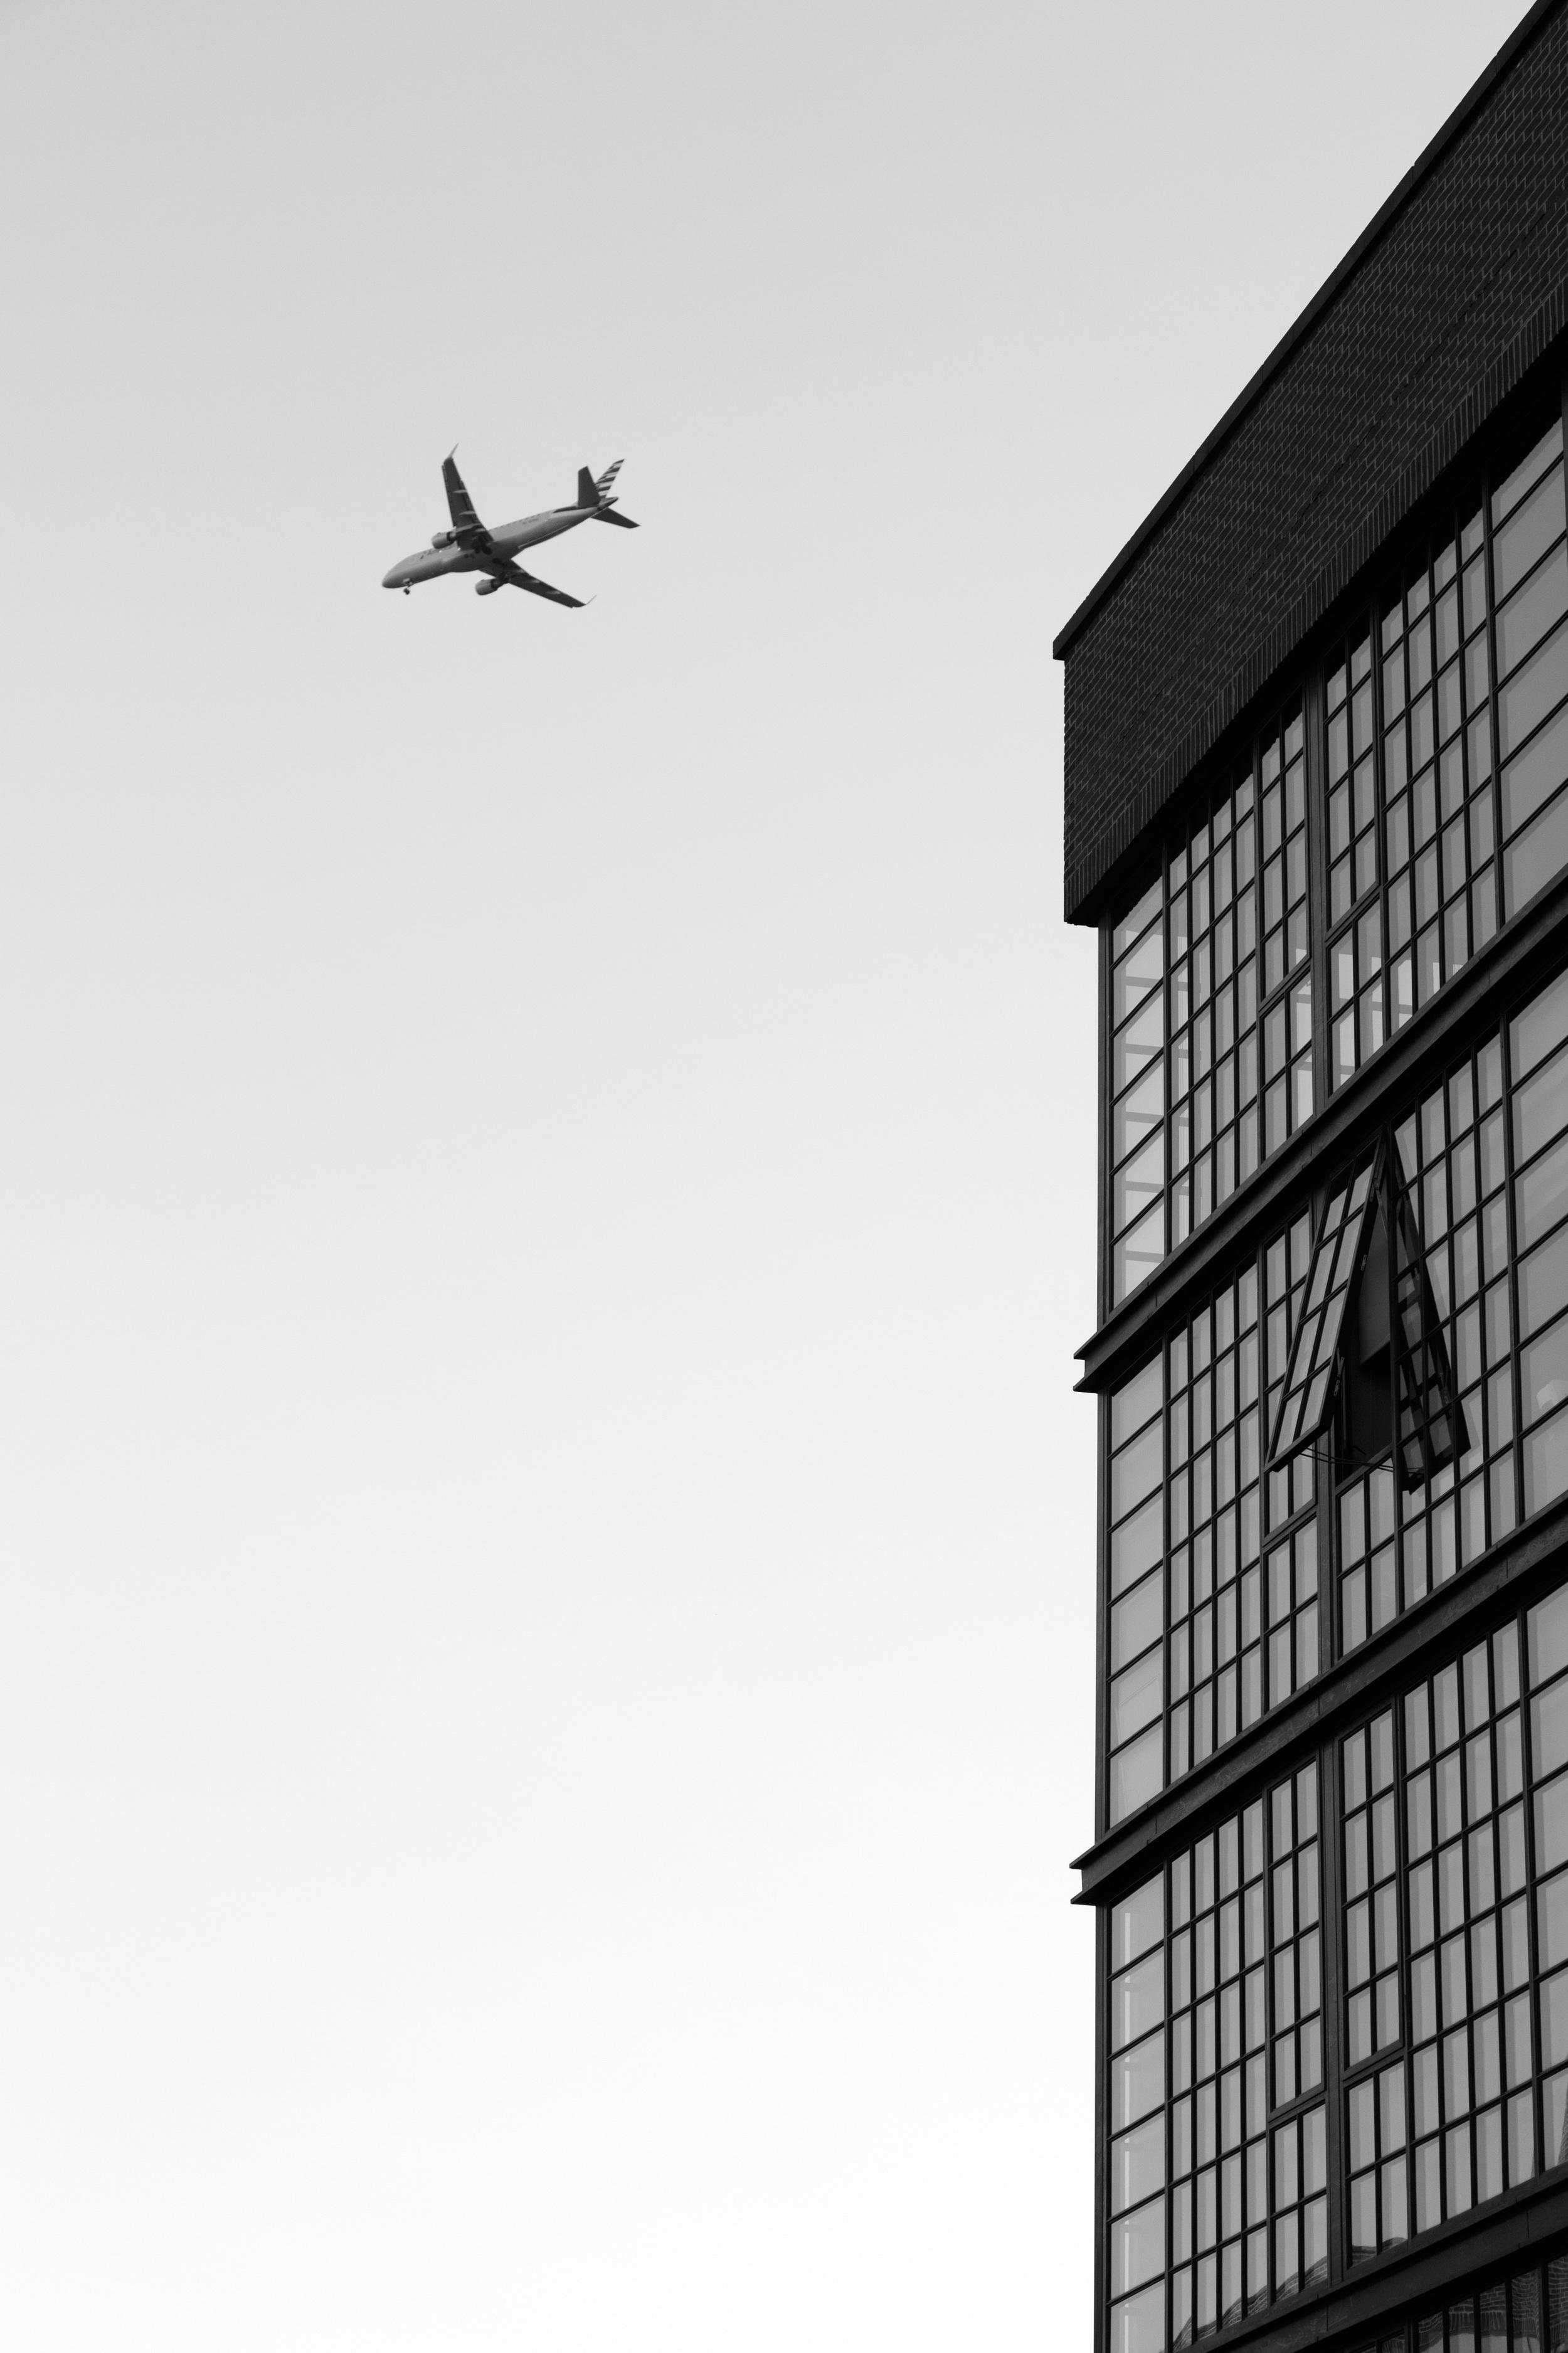 MAA_7173.jpg